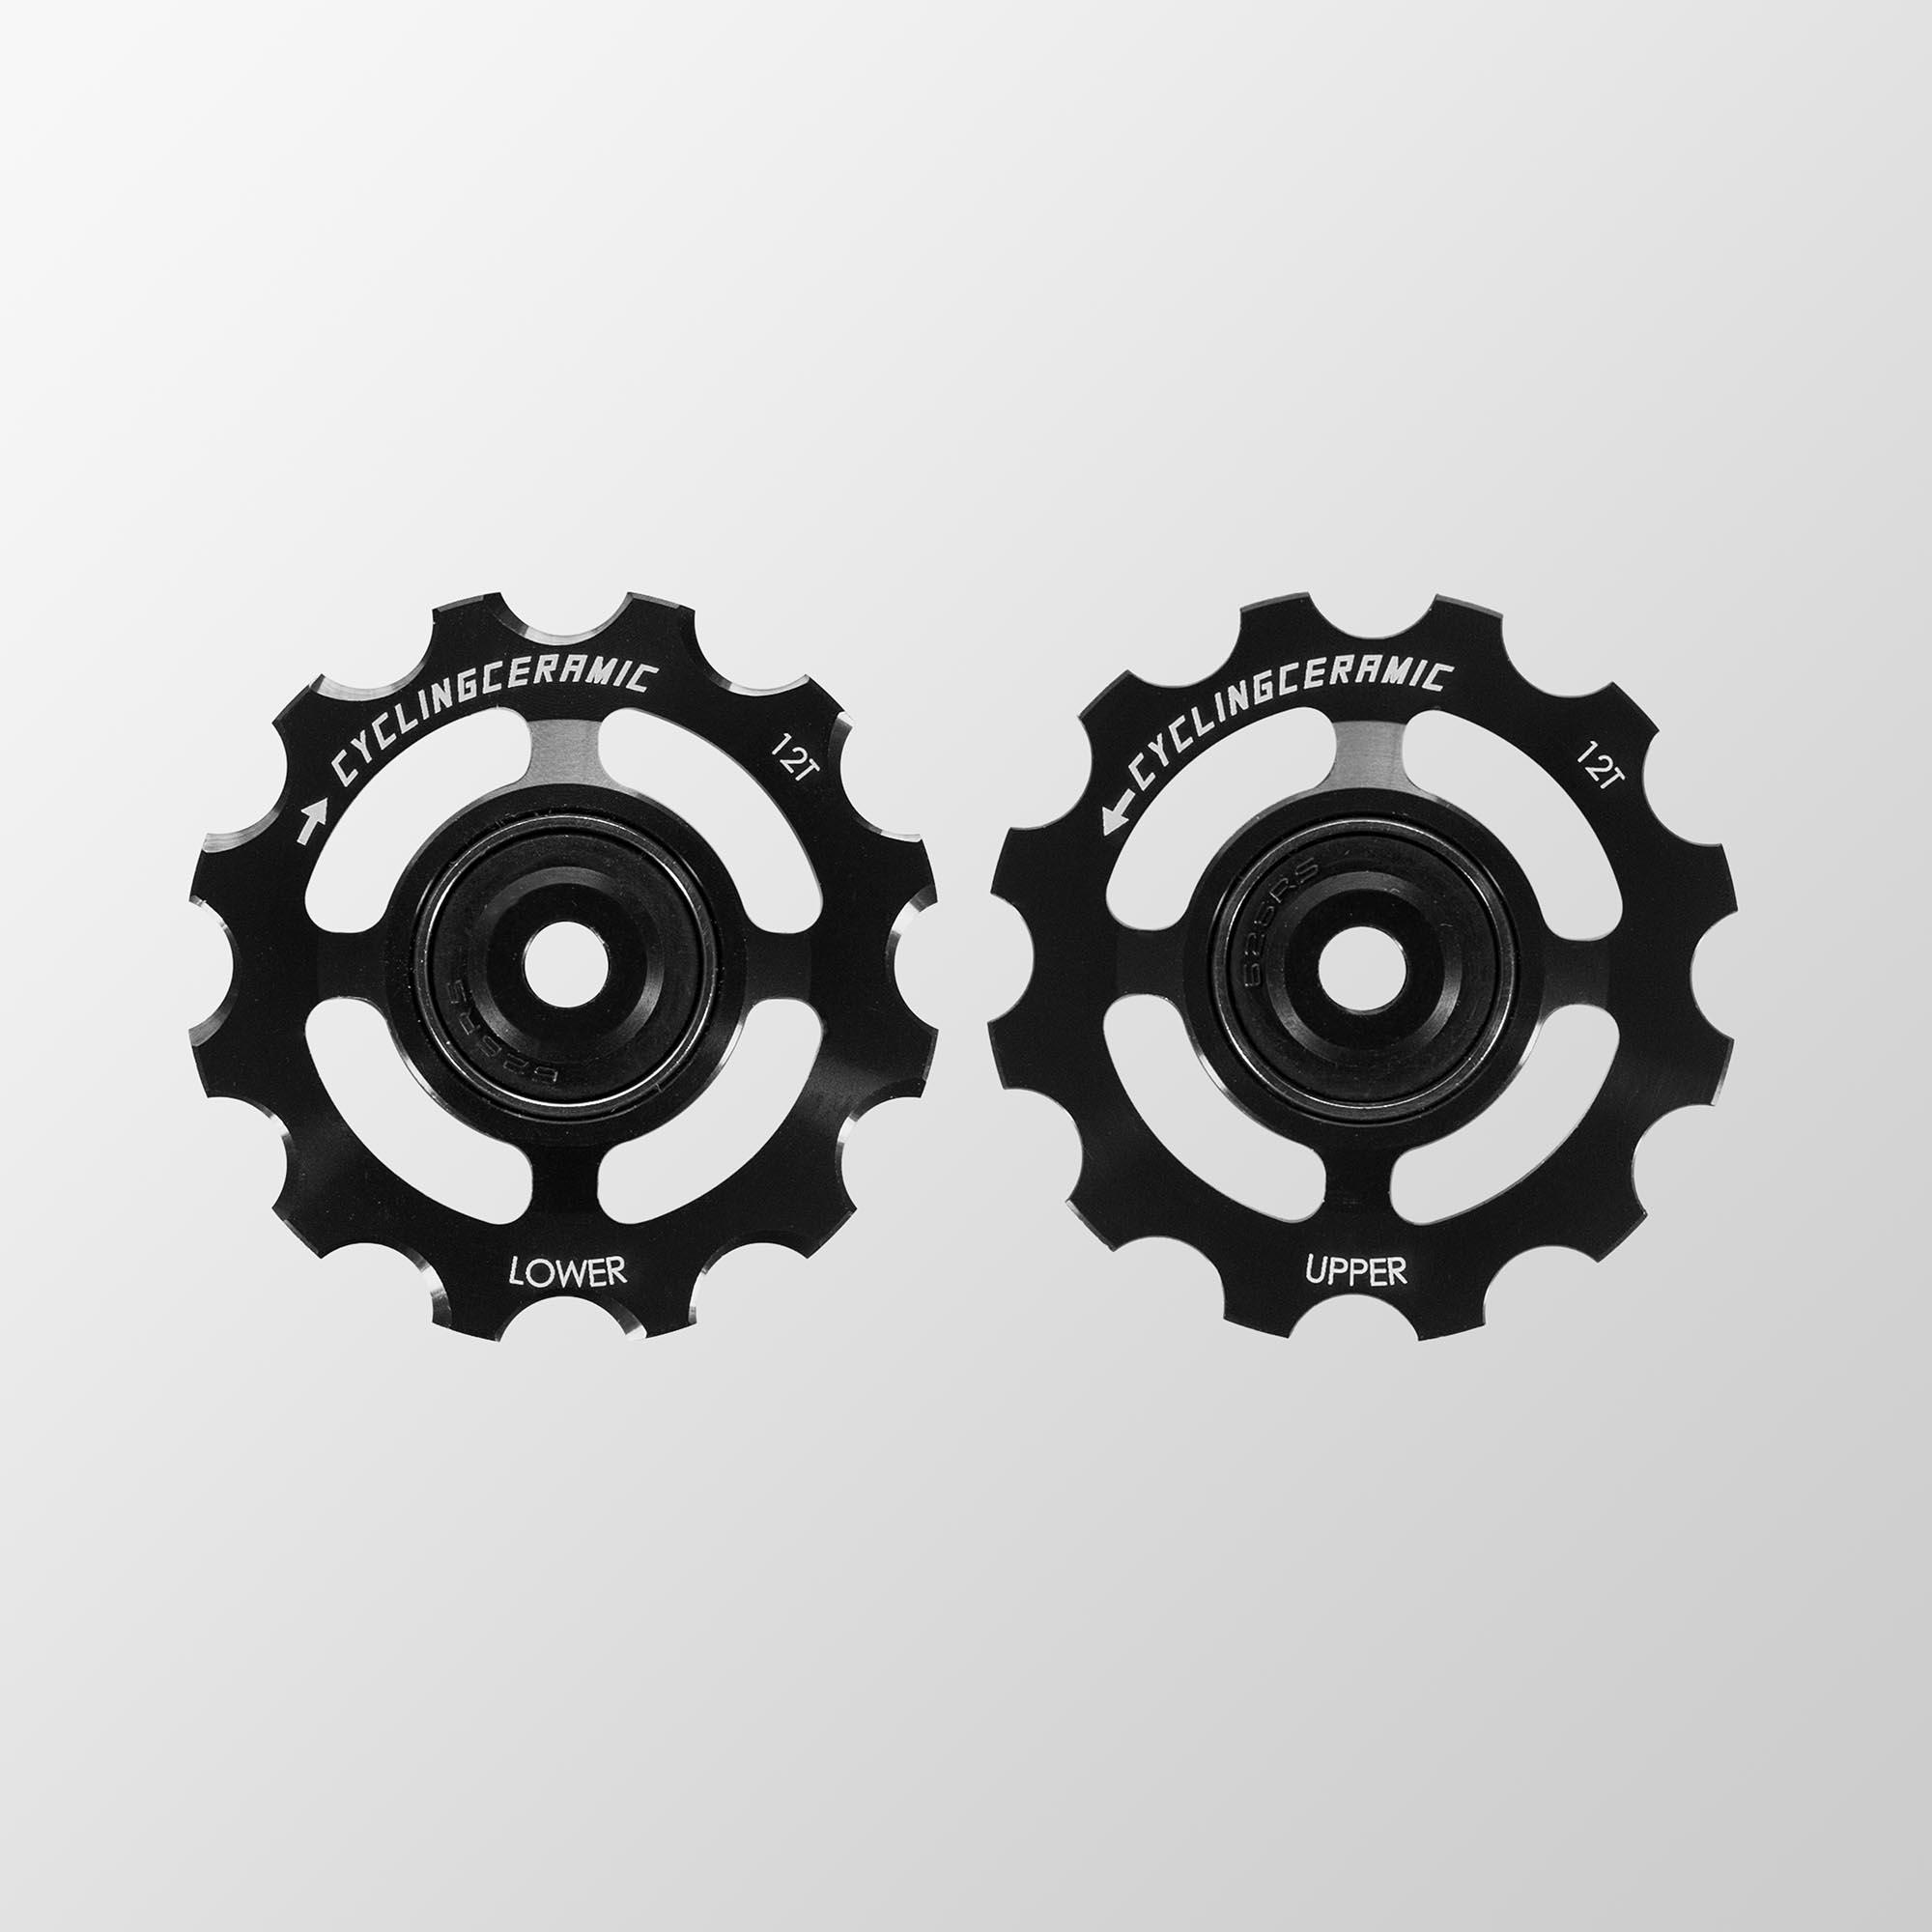 Galets de dérailleur noir CyclingCeramic